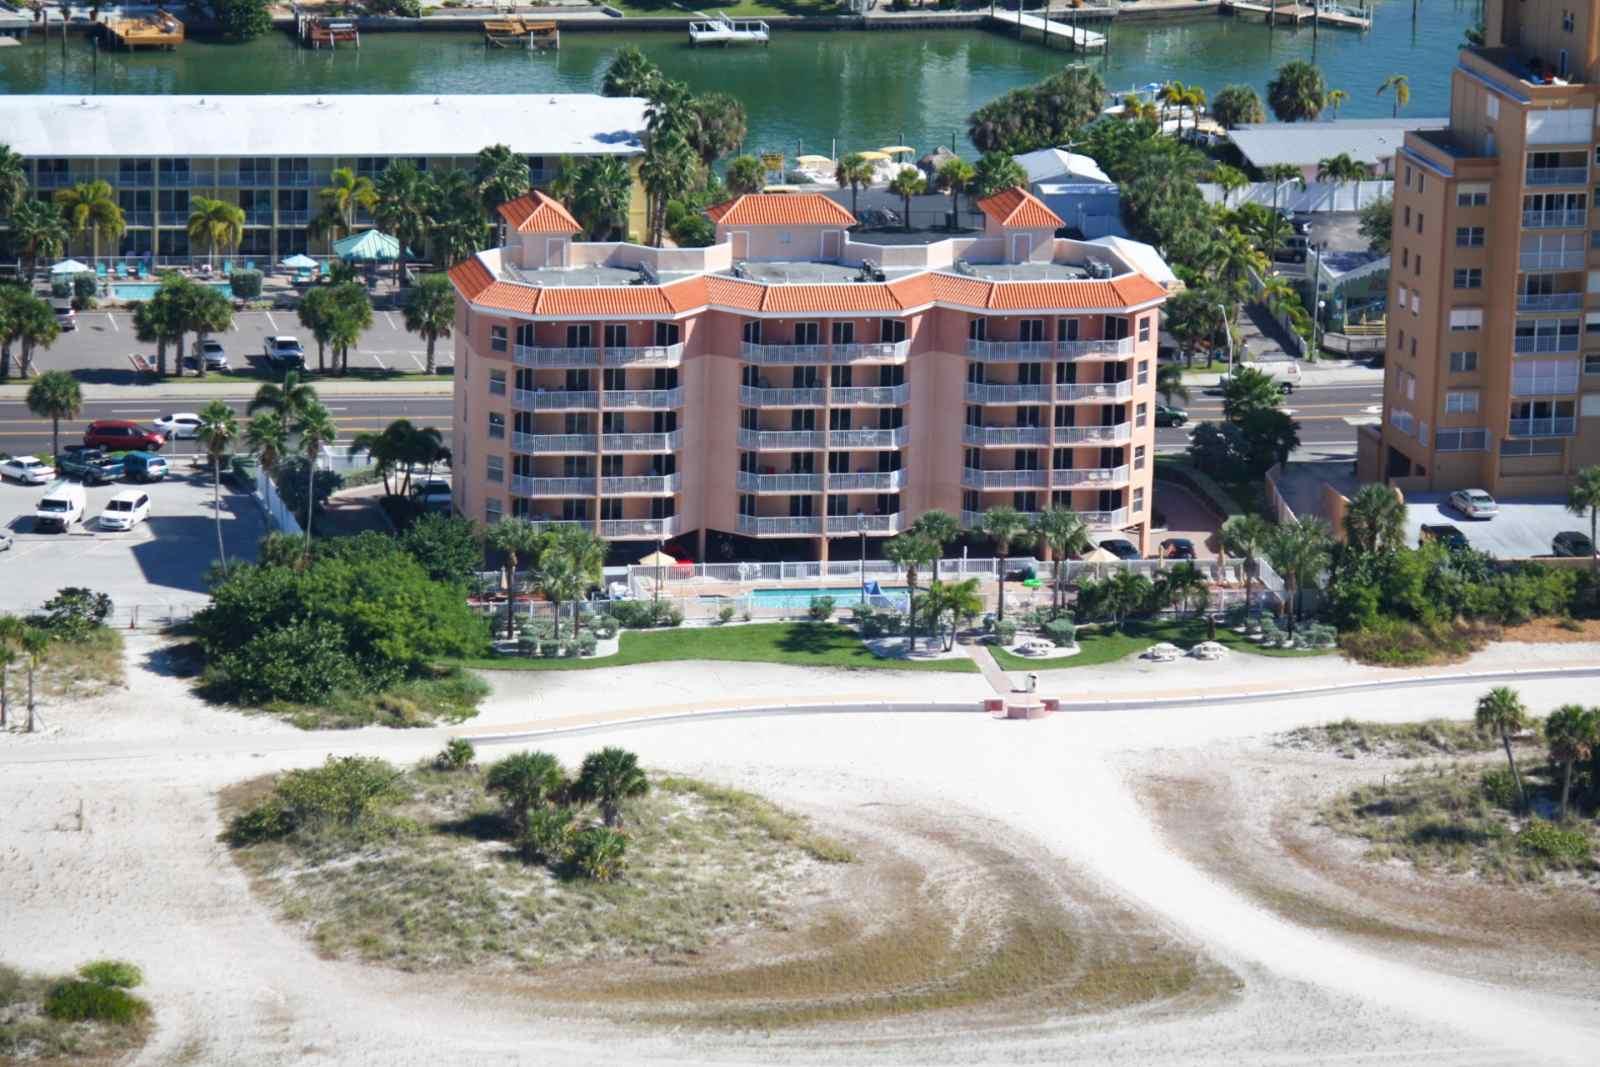 Treasure Island Vacation Al 304 Surf Beach Resort Condo On Itrip